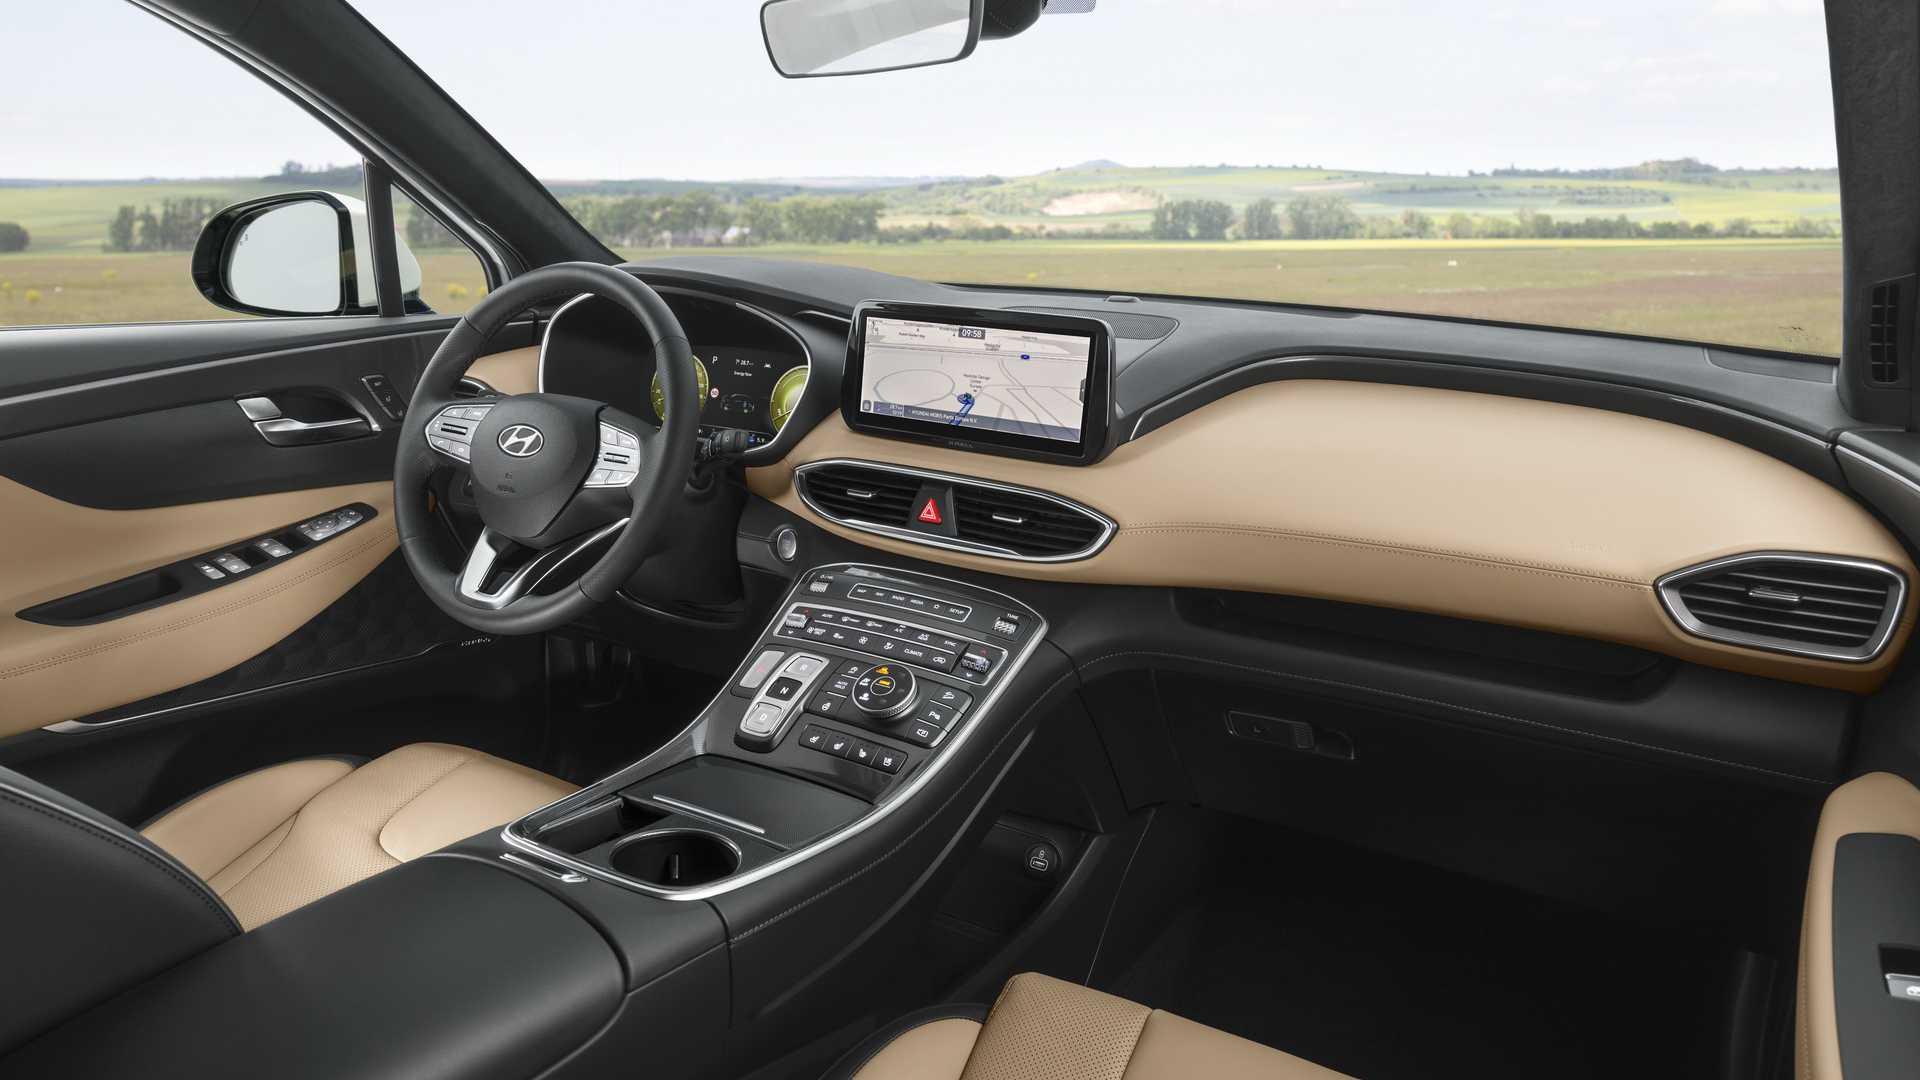 Cabine do noivo Hyundai Santa Fe foi inspirada no Palisade e tem quadro de instrumentos digital